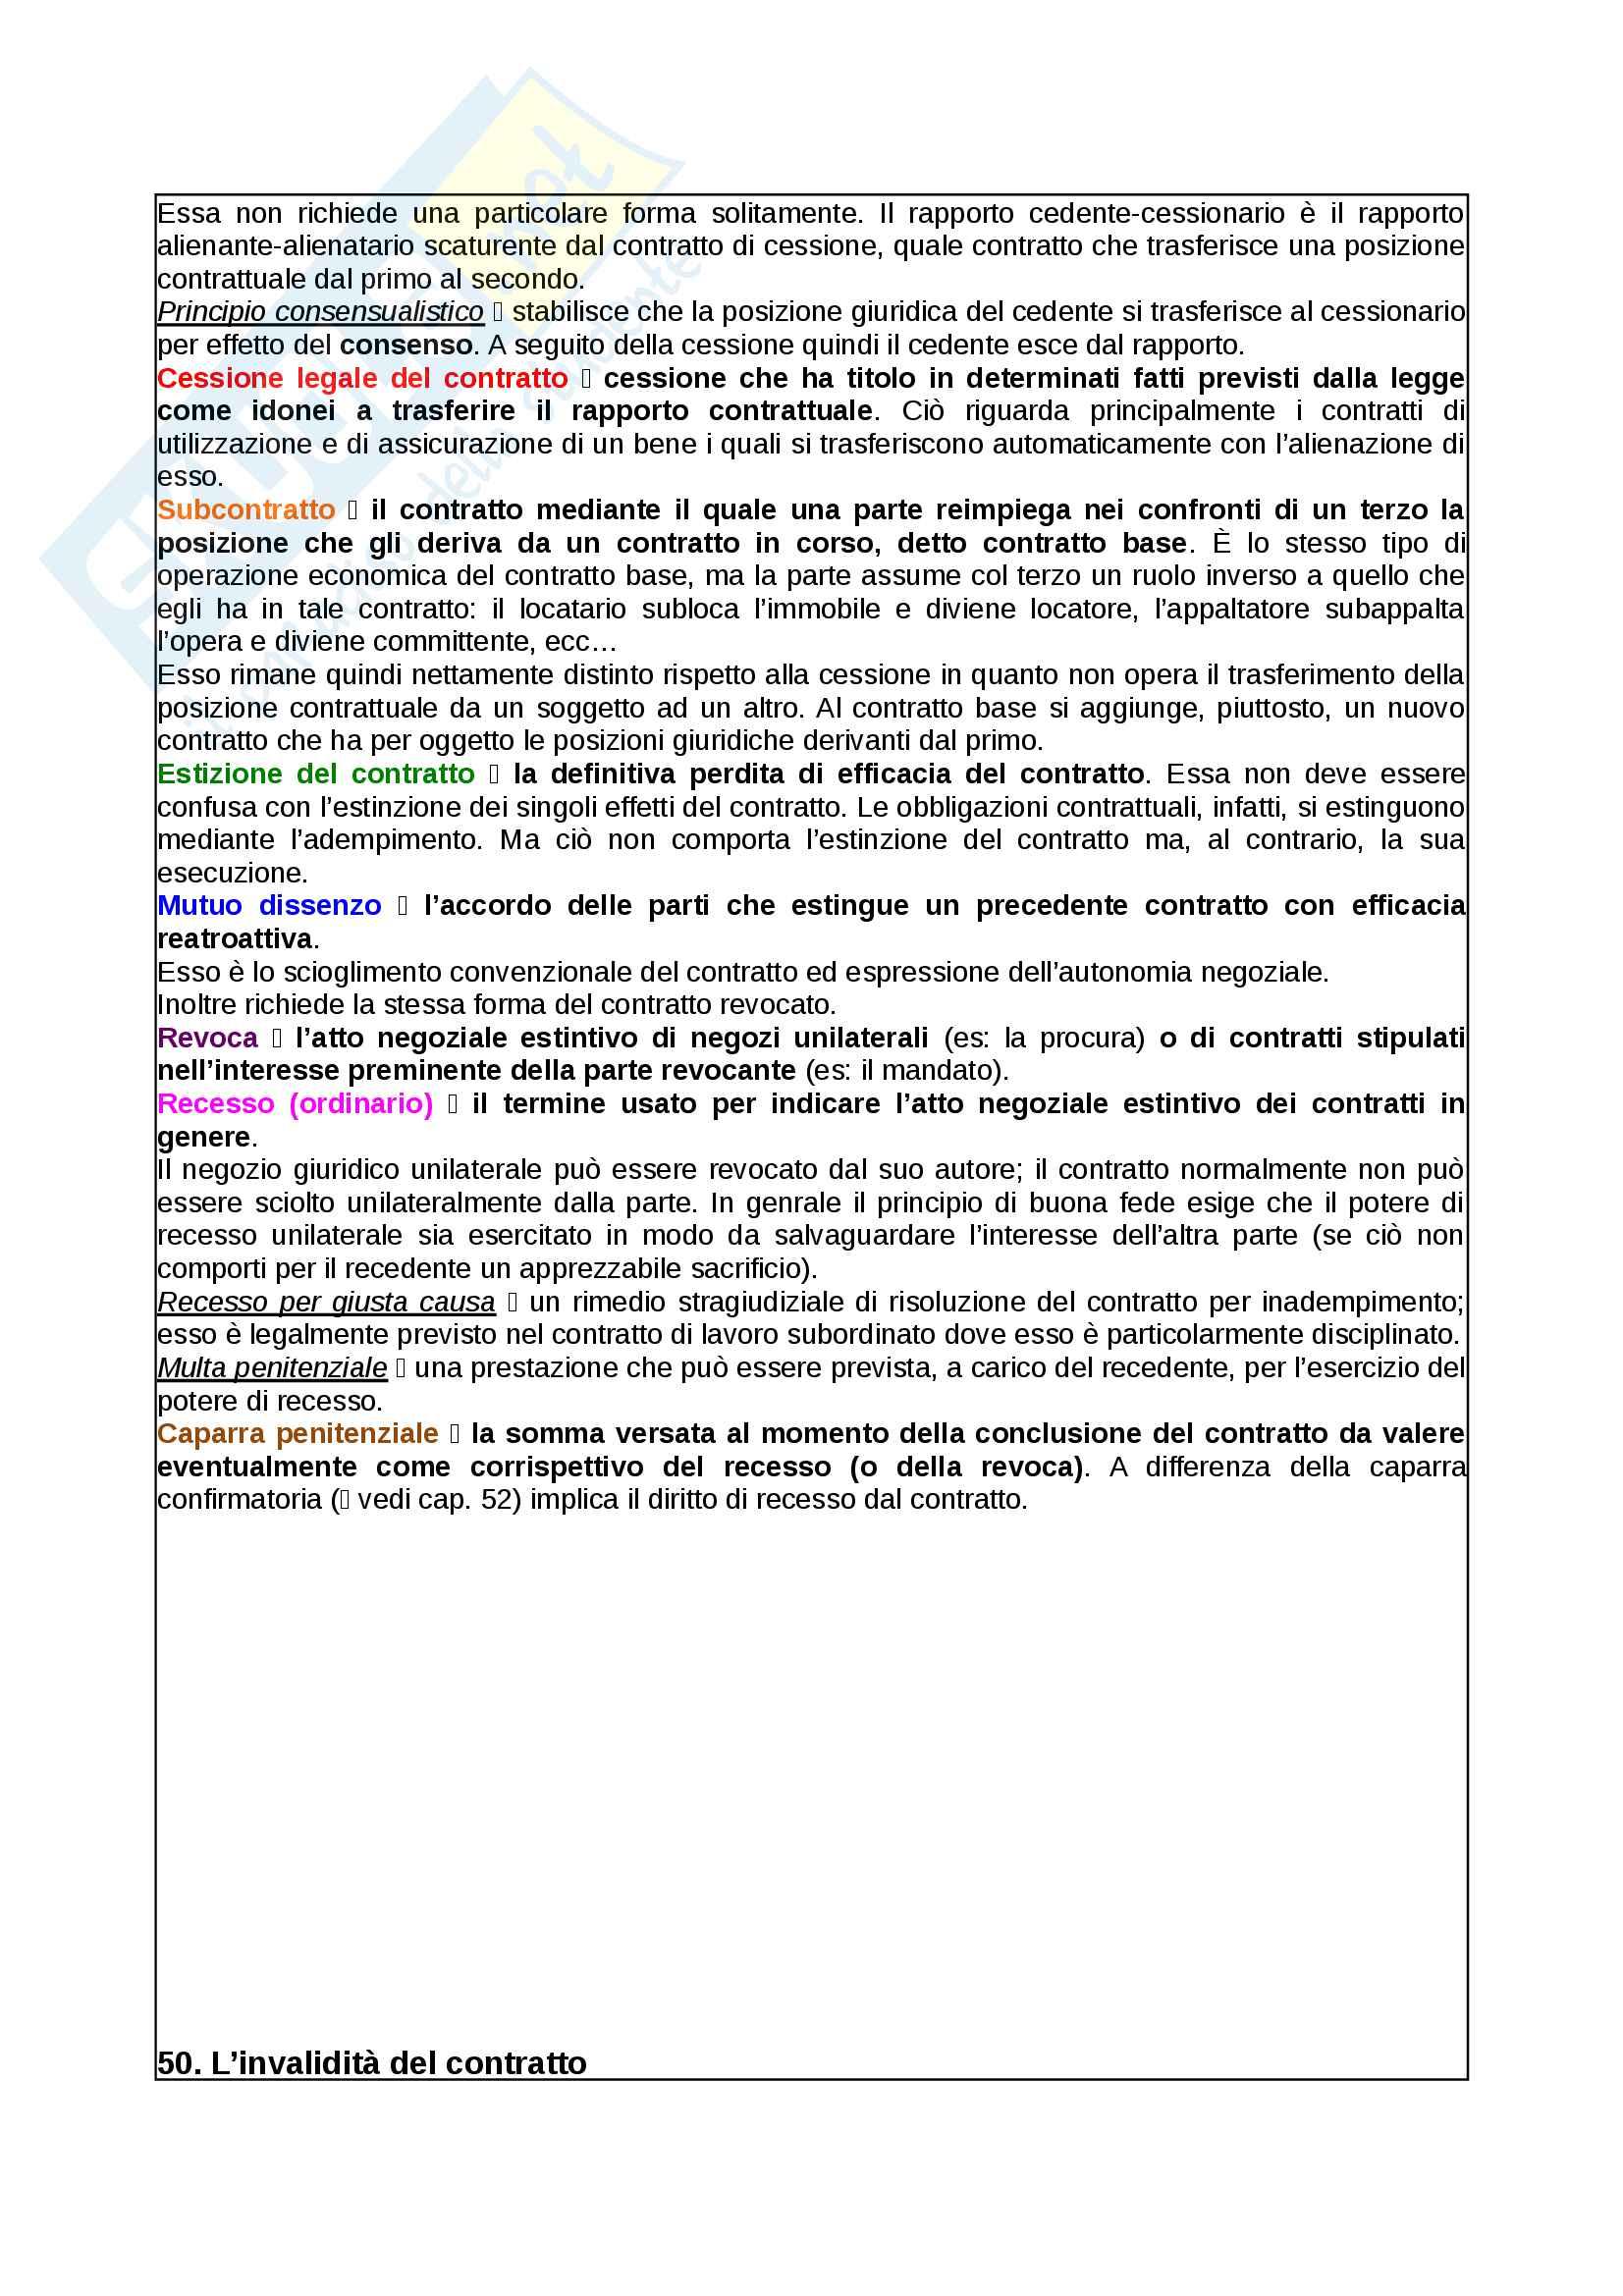 Appunti Diritto Privato Pag. 46